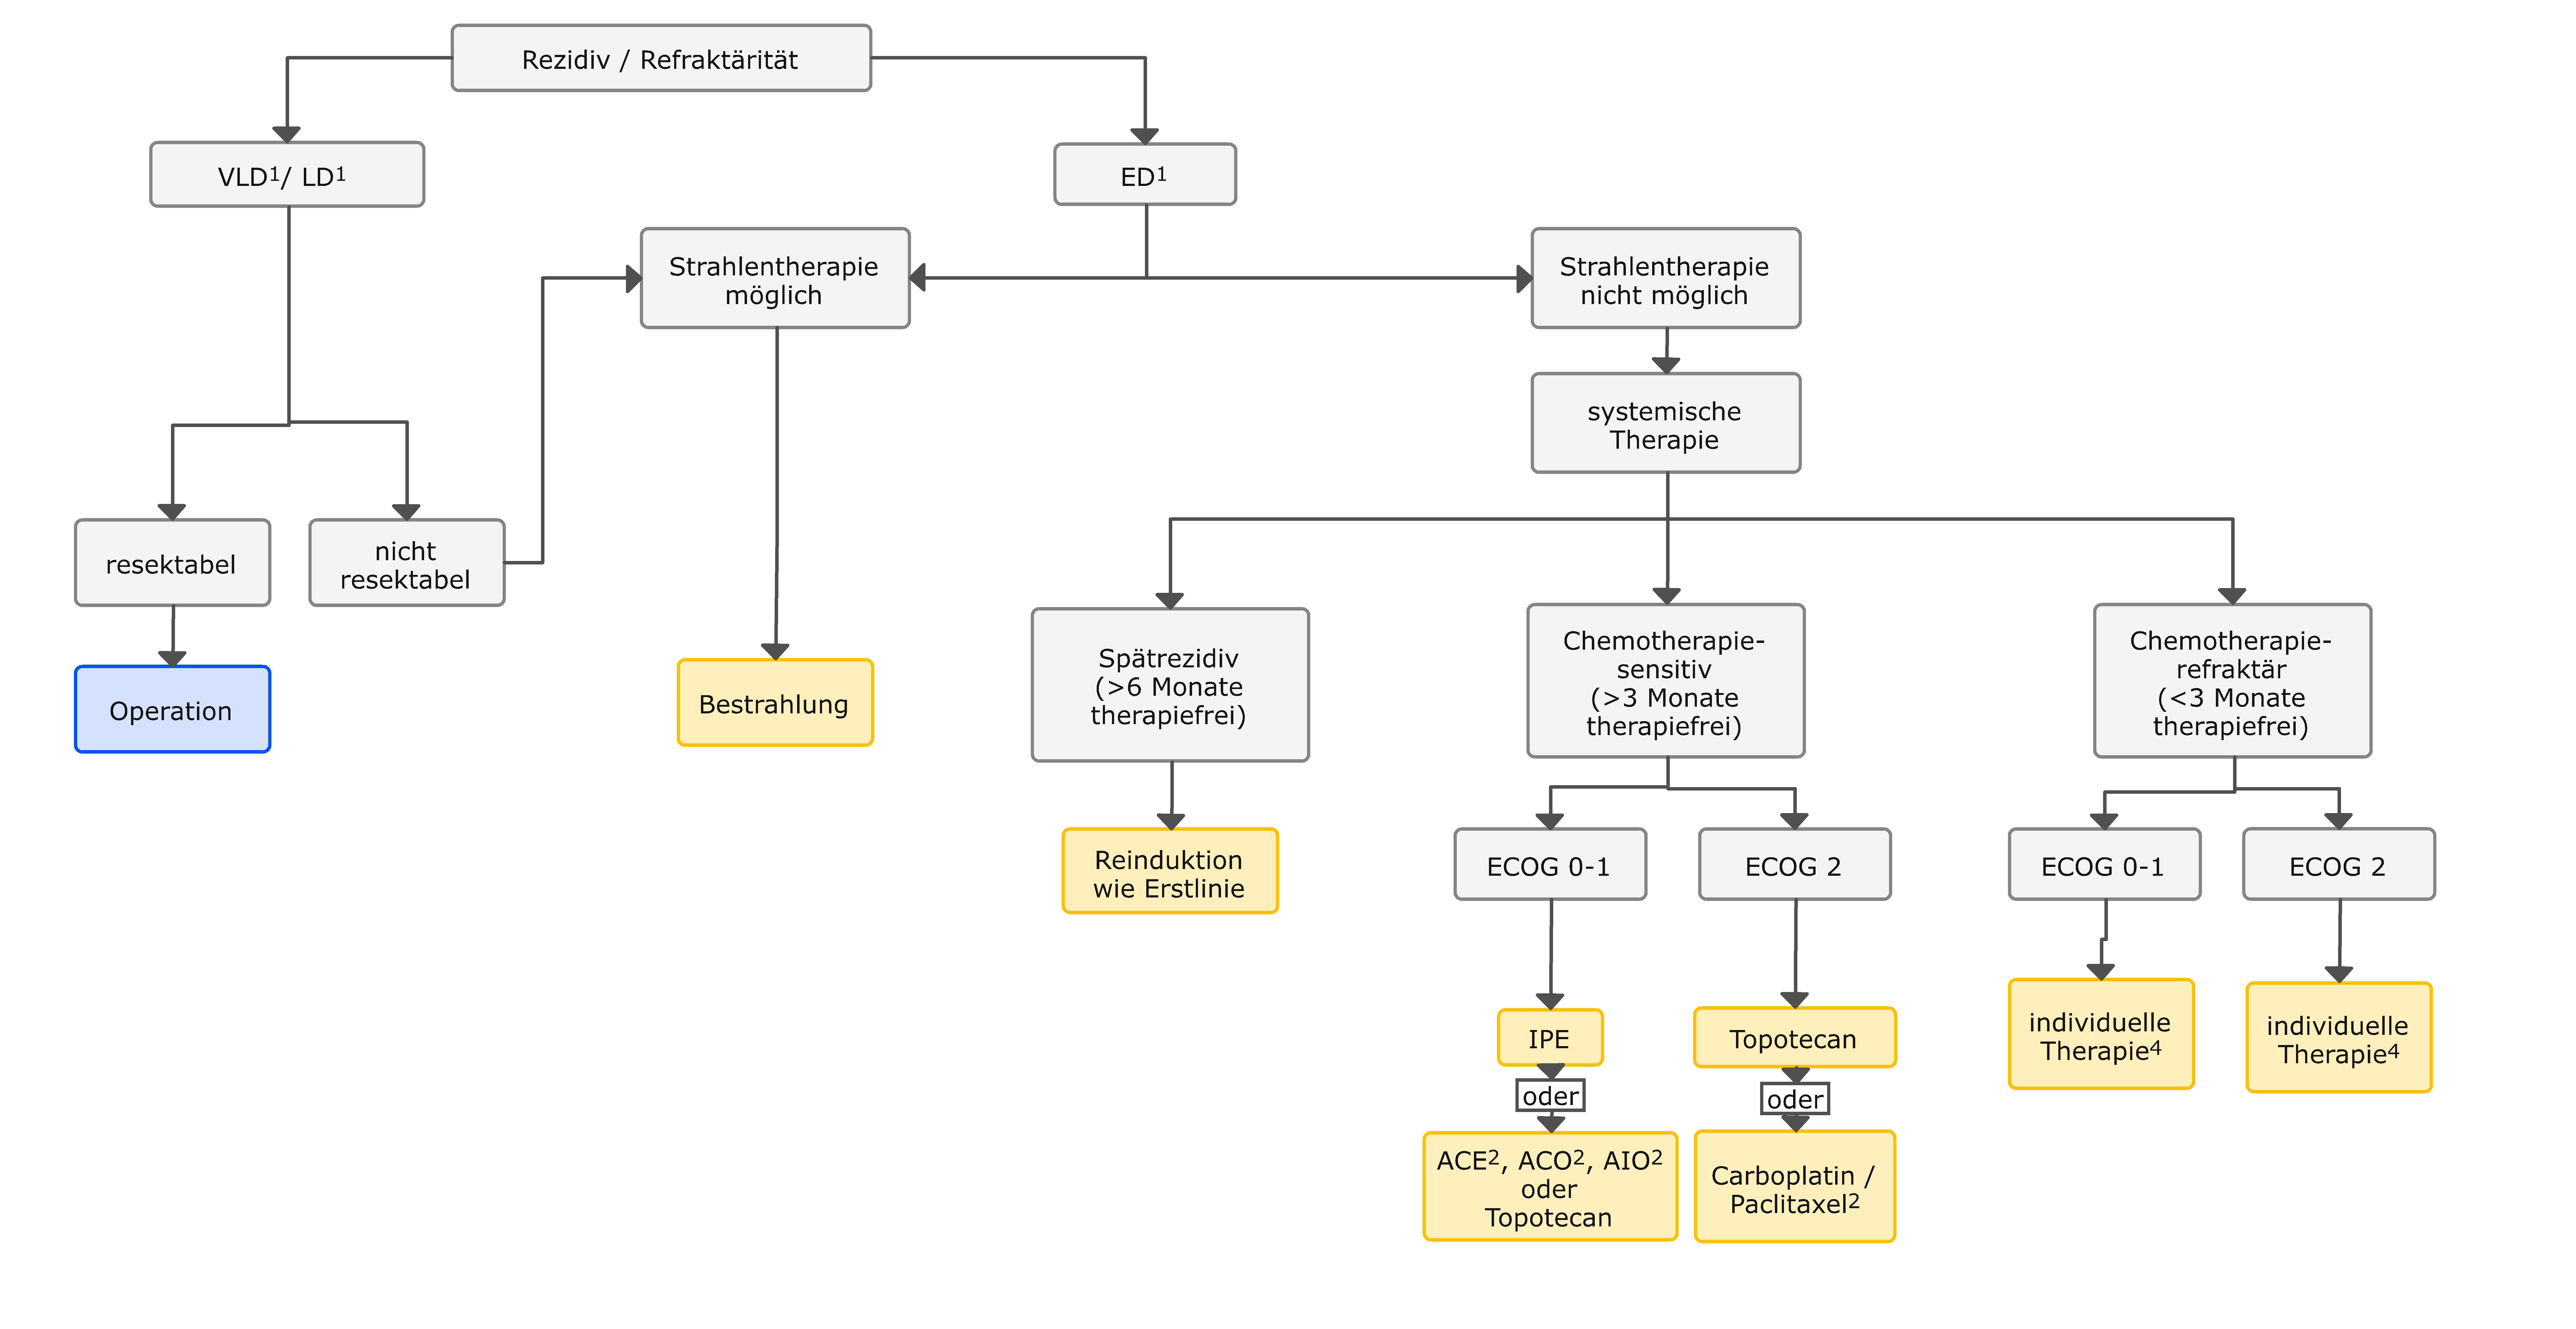 Algorithmus für die Rezidivtherapie des SCLC